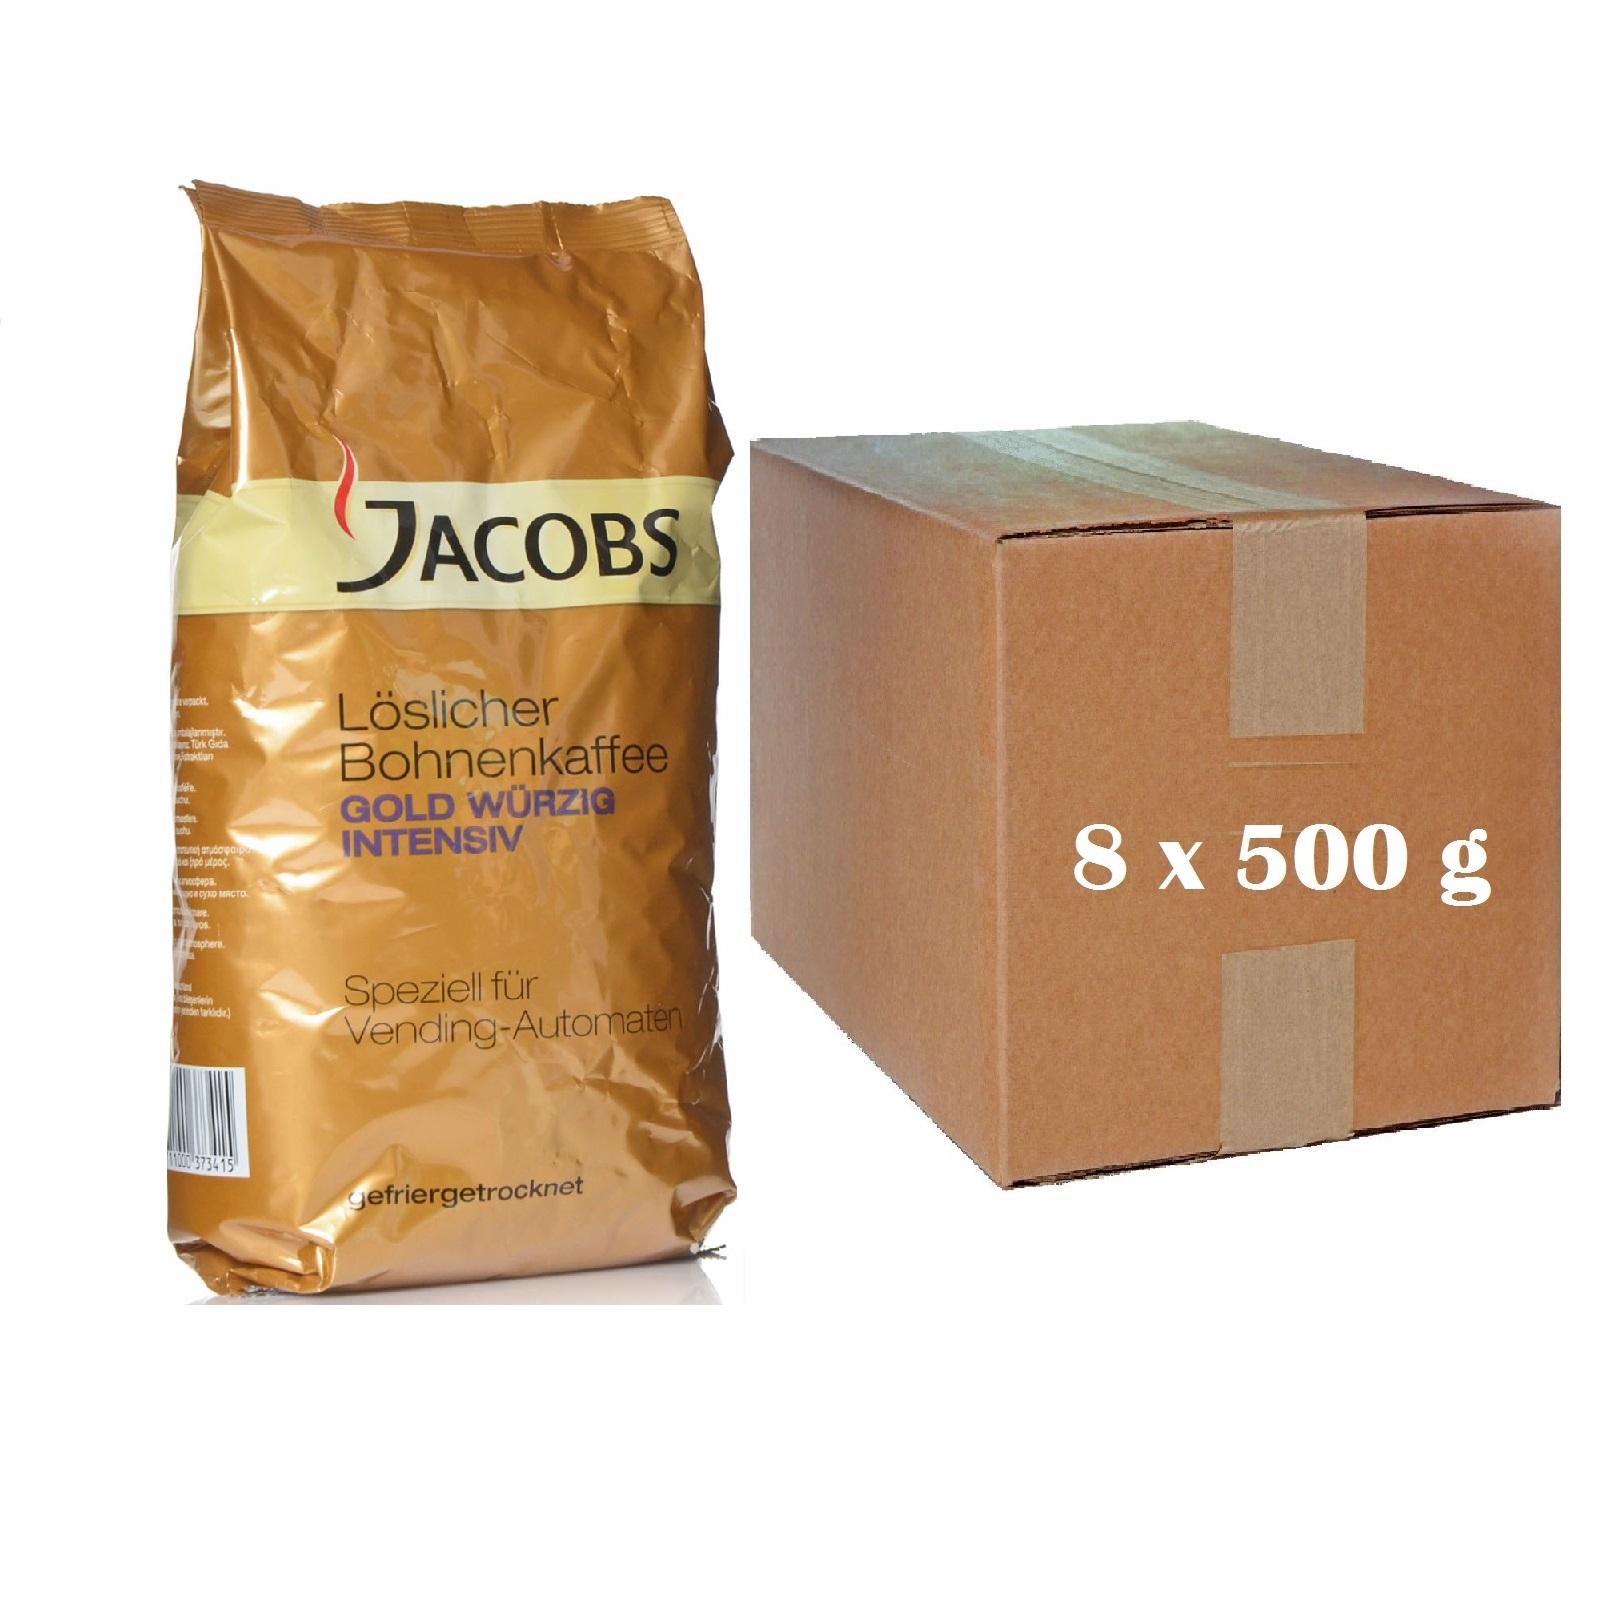 Jacobs Würzig Intensiv Instant 8 x 500g Löslicher Bohnenkaffee